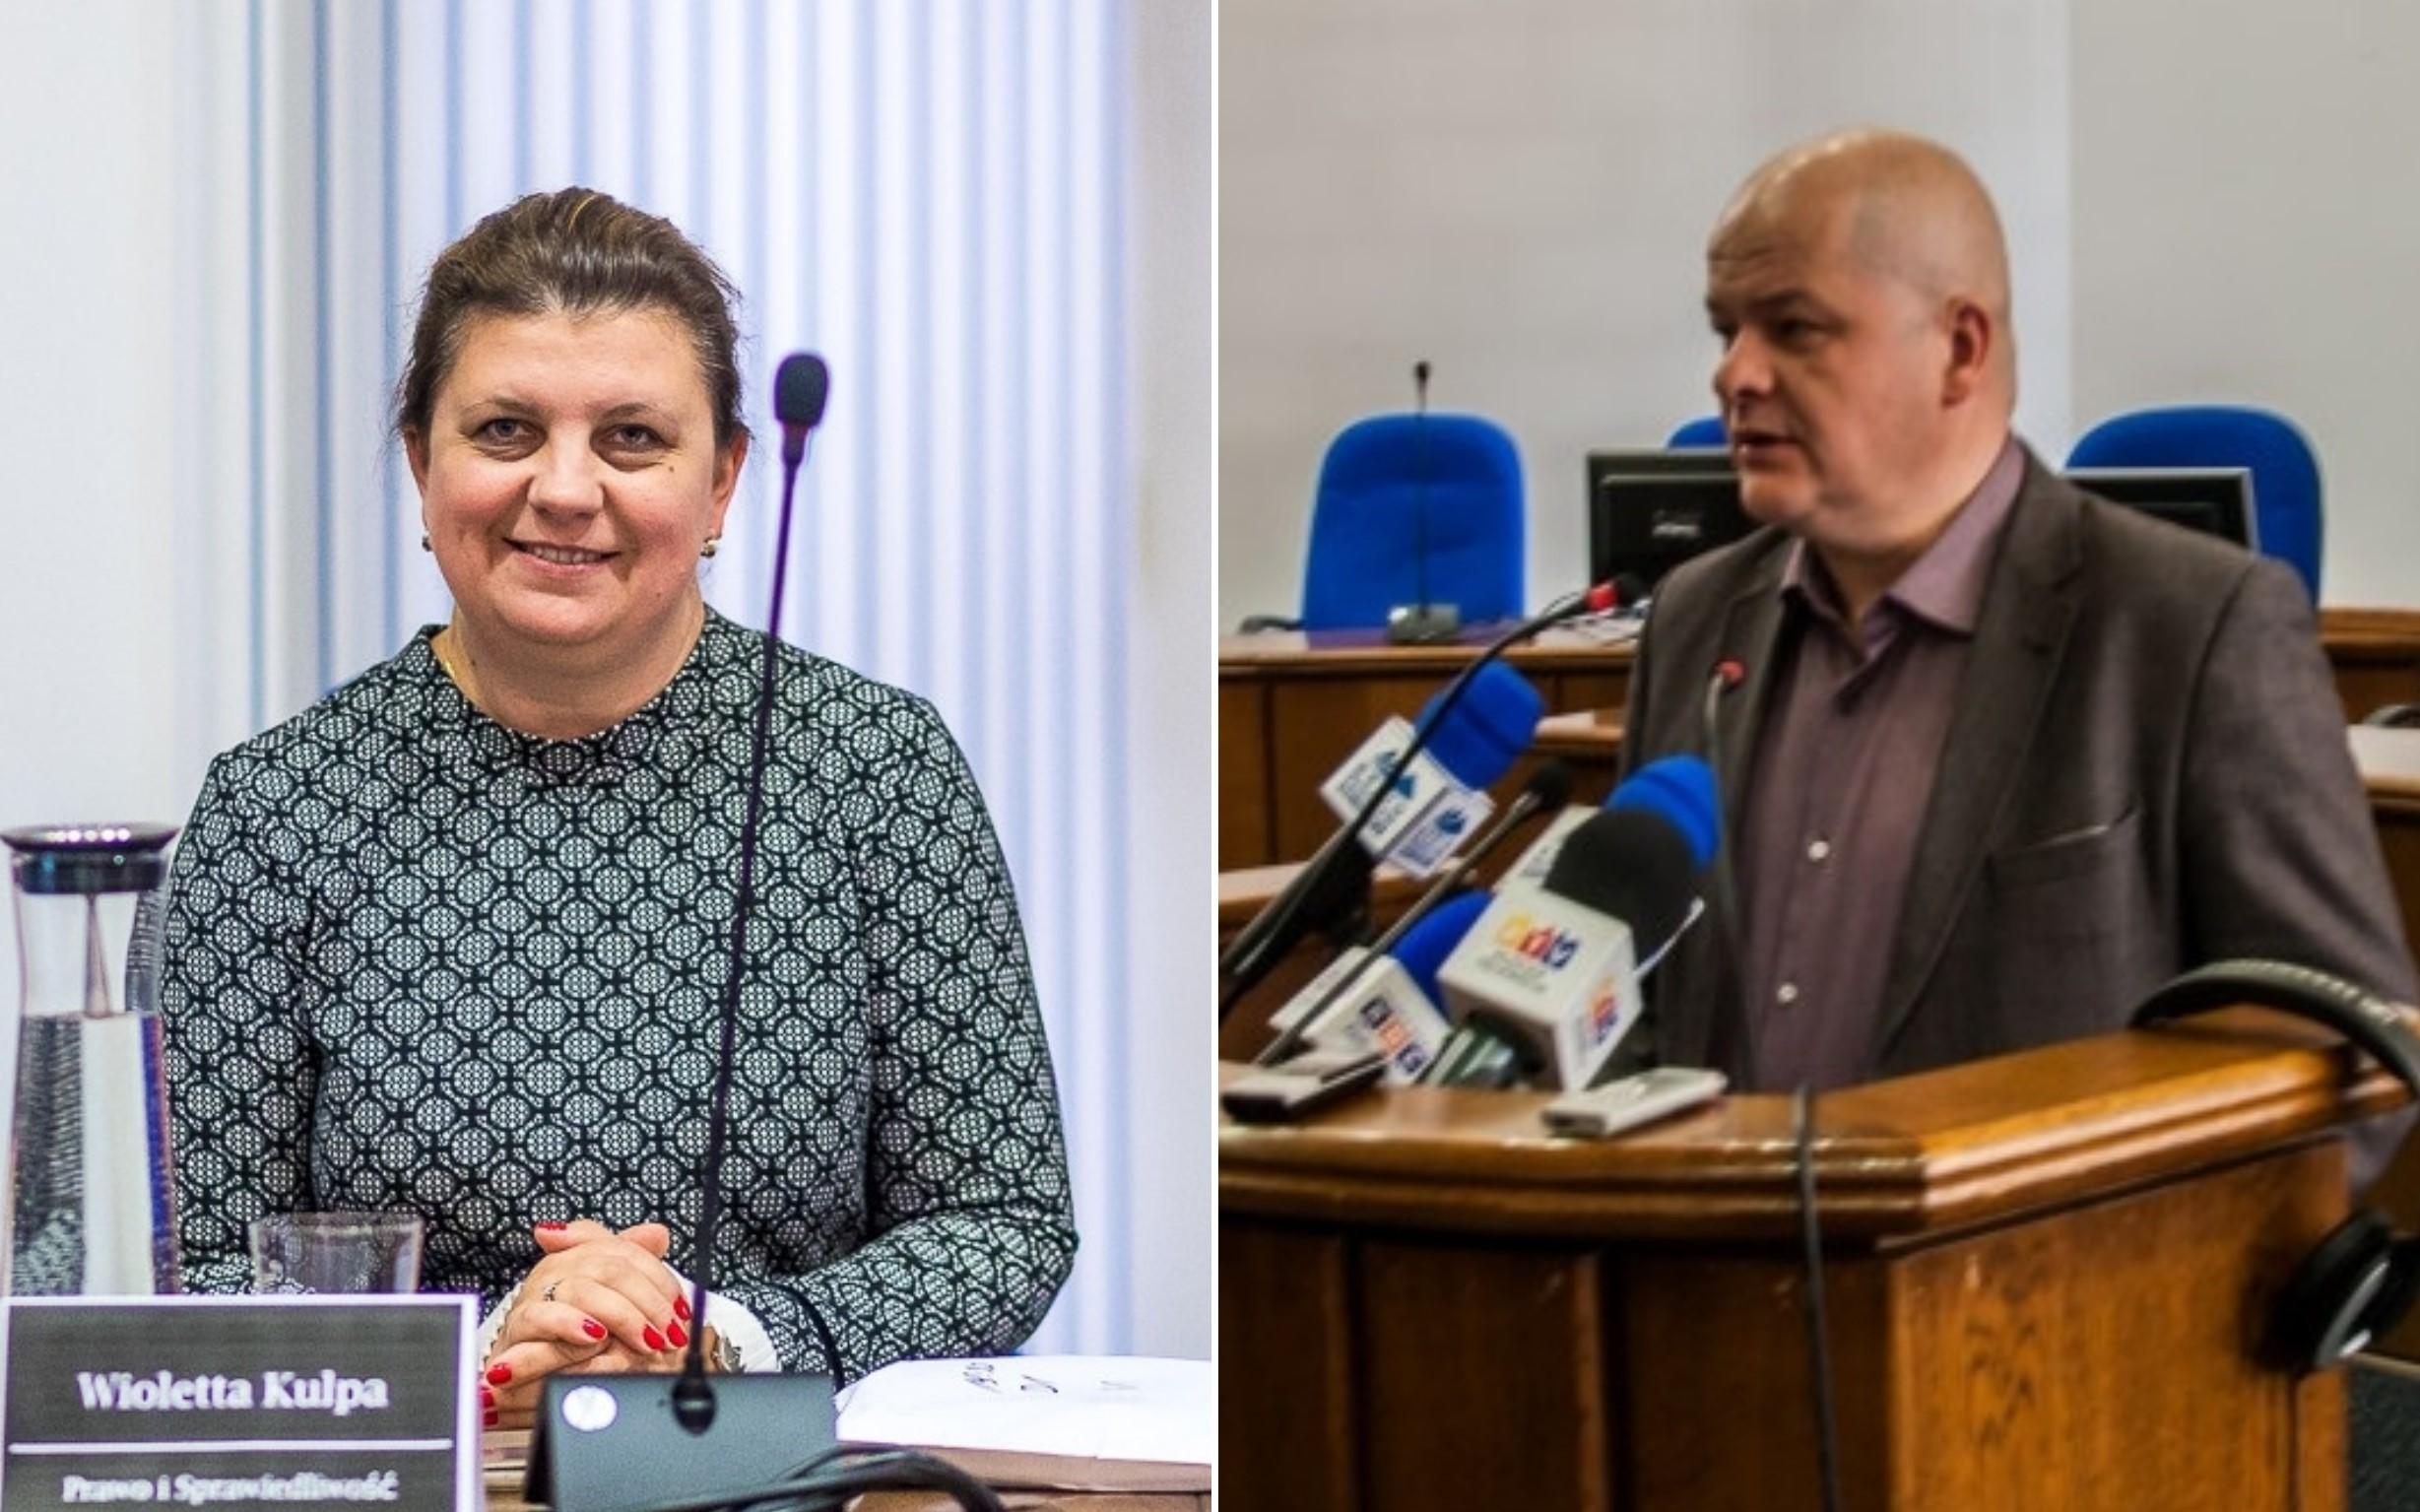 Przewodnicząca PiS do prezydenta: samorząd to nie totolotek, panie Nowakowski  - Zdjęcie główne